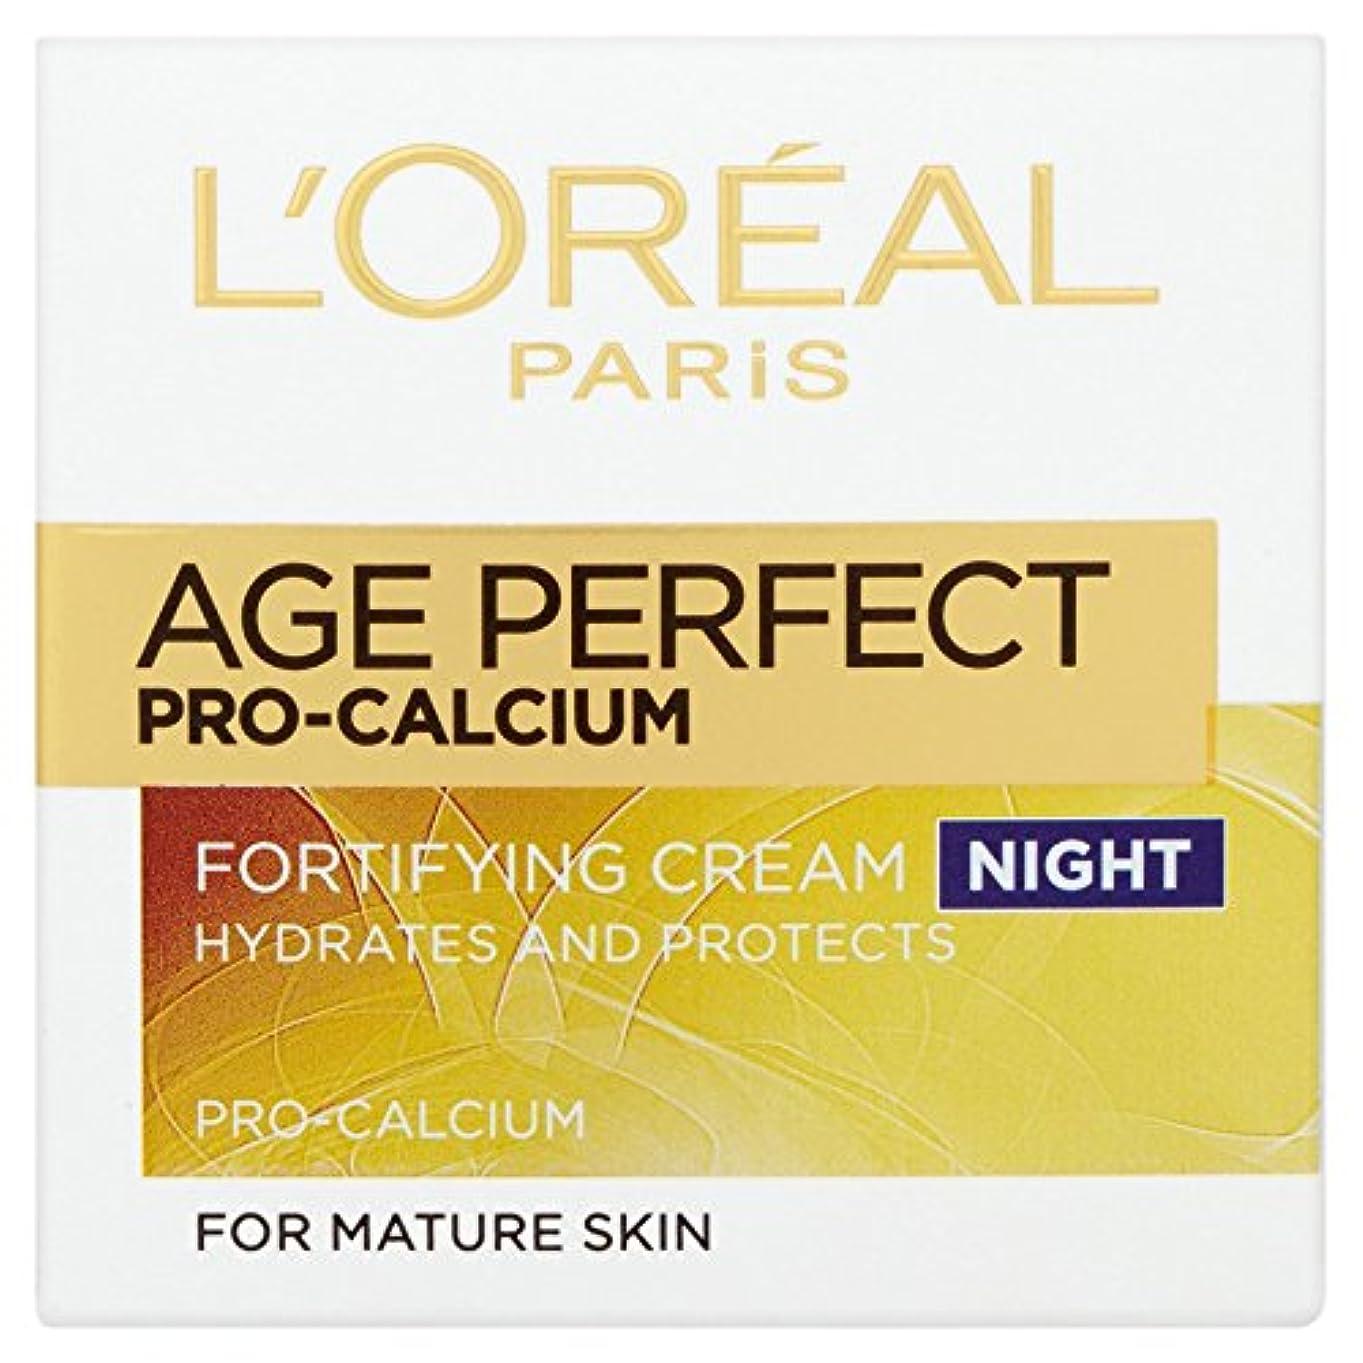 交差点貫入破壊する6 x L'Oreal Paris Age Perfect Pro-Calcium Fortifying Cream Night 50ml